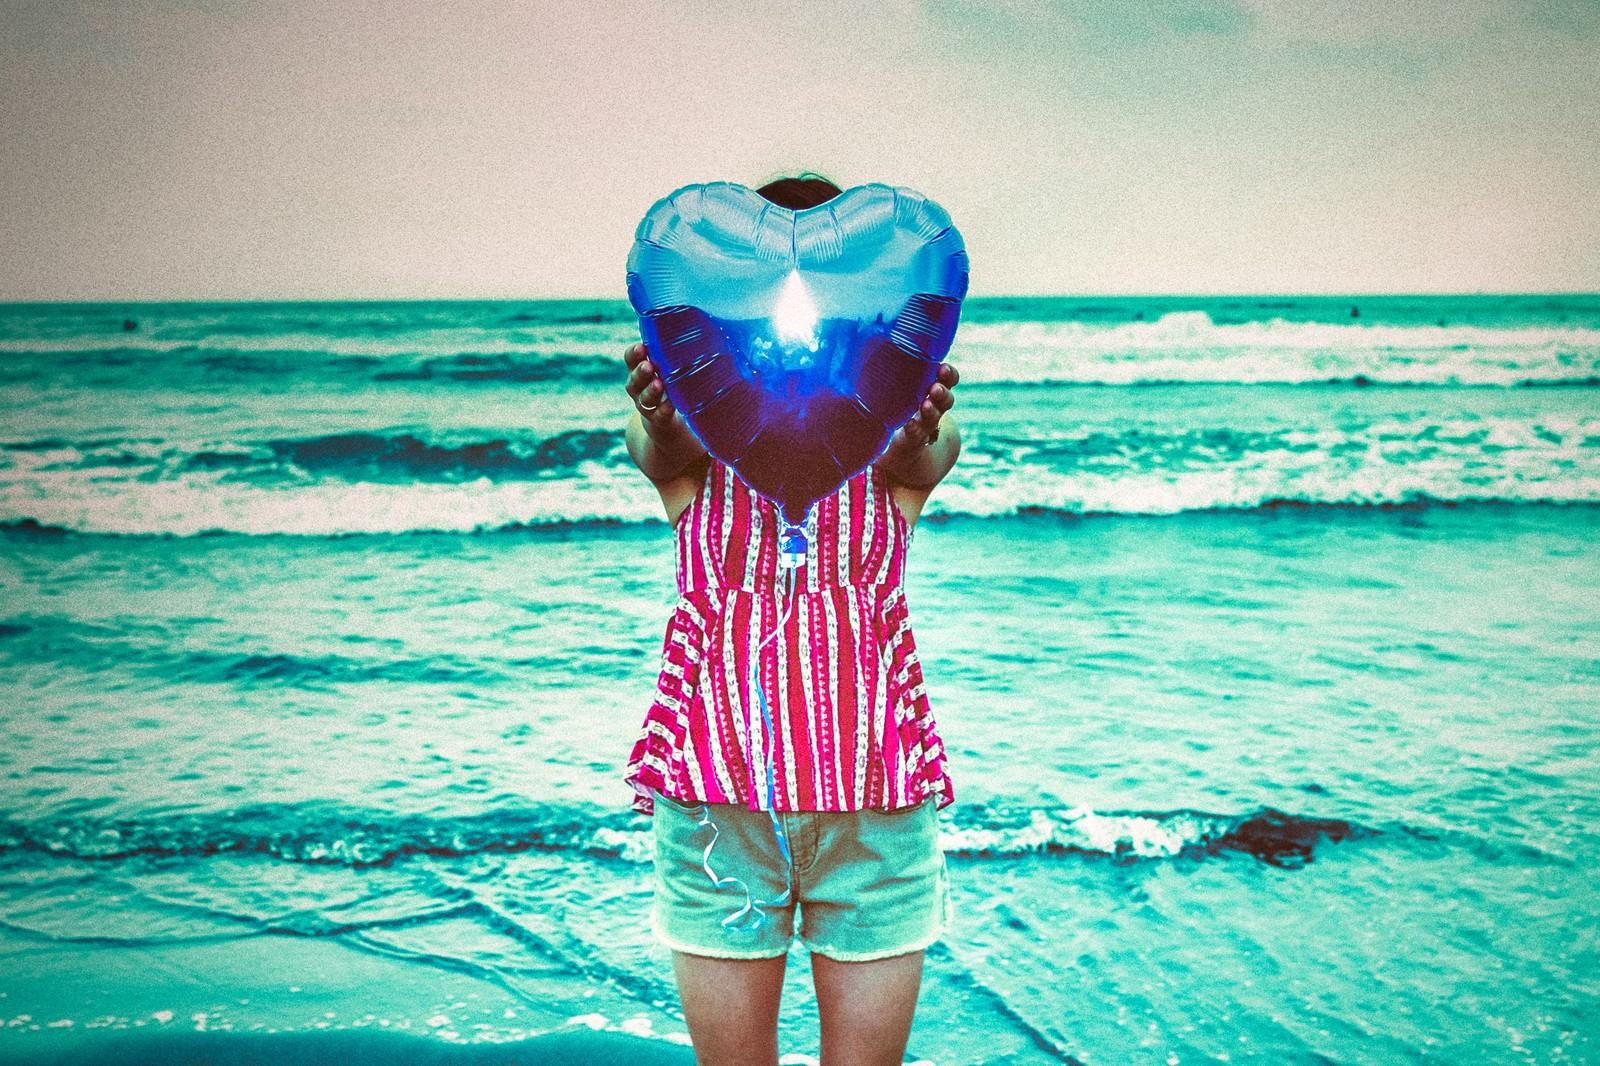 「慰めのハート慰めのハート」のフリー写真素材を拡大